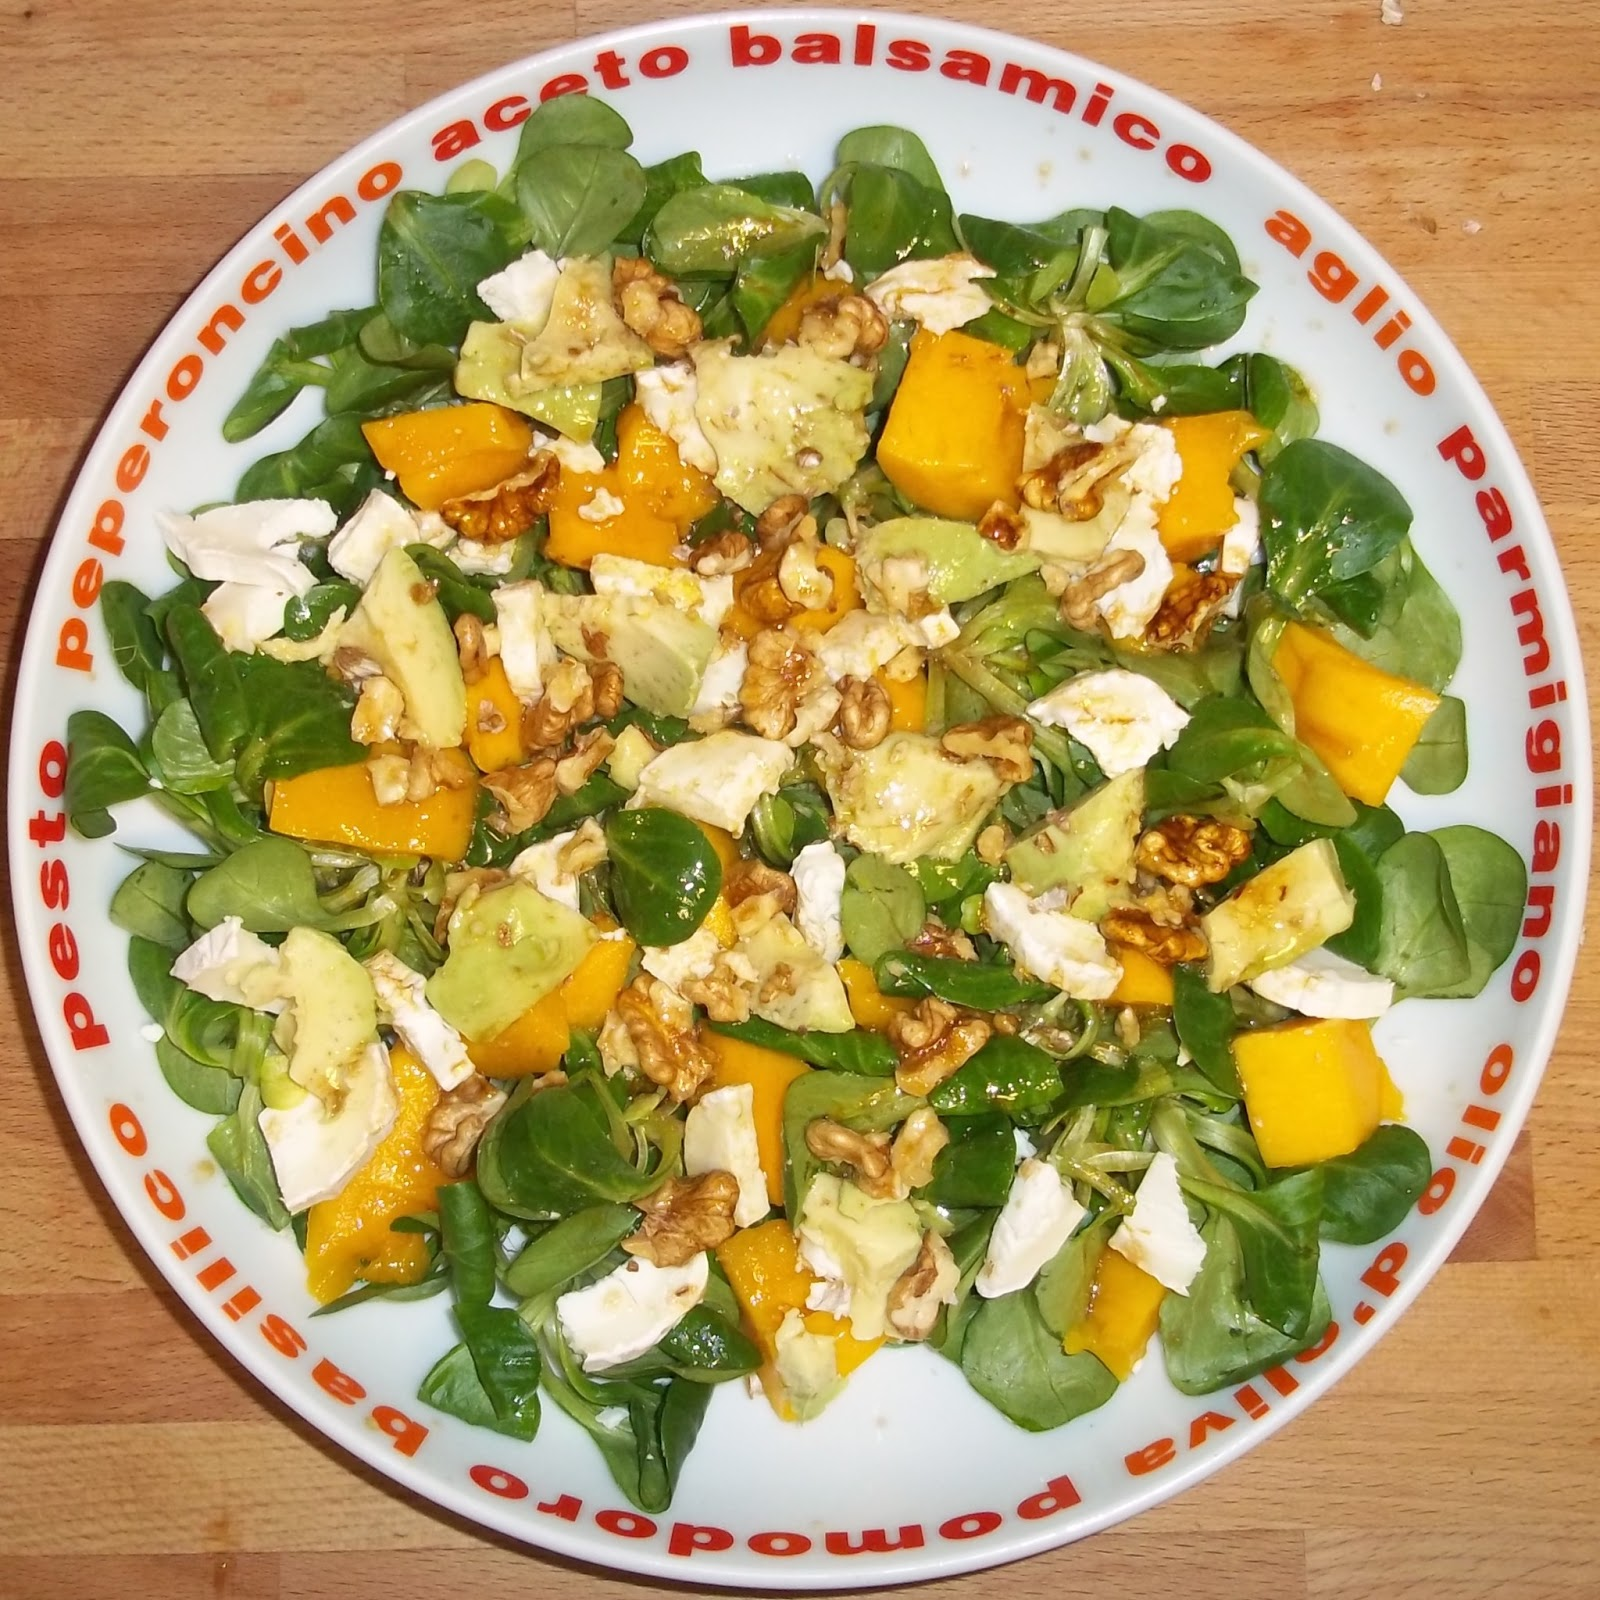 ensalada de aguacate y mango con vinagreta de naranja